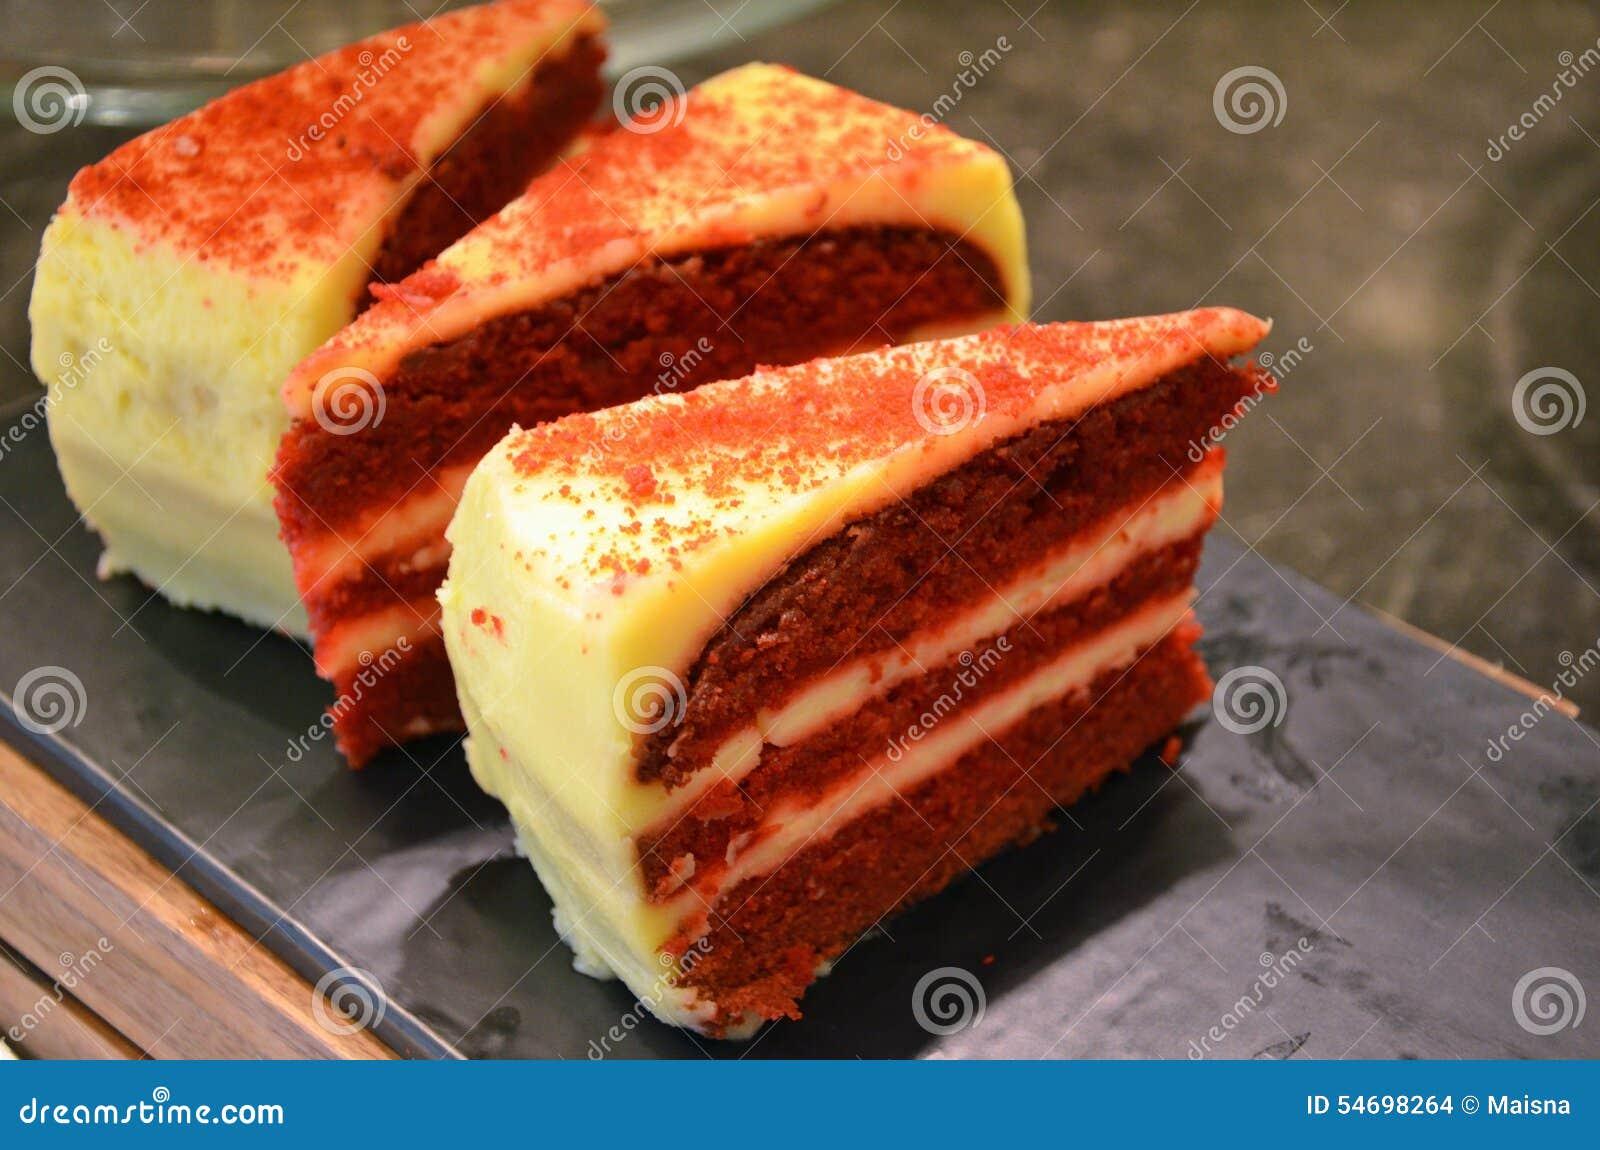 roter kuchen stockfoto bild von nachmittag schokolade 54698264. Black Bedroom Furniture Sets. Home Design Ideas